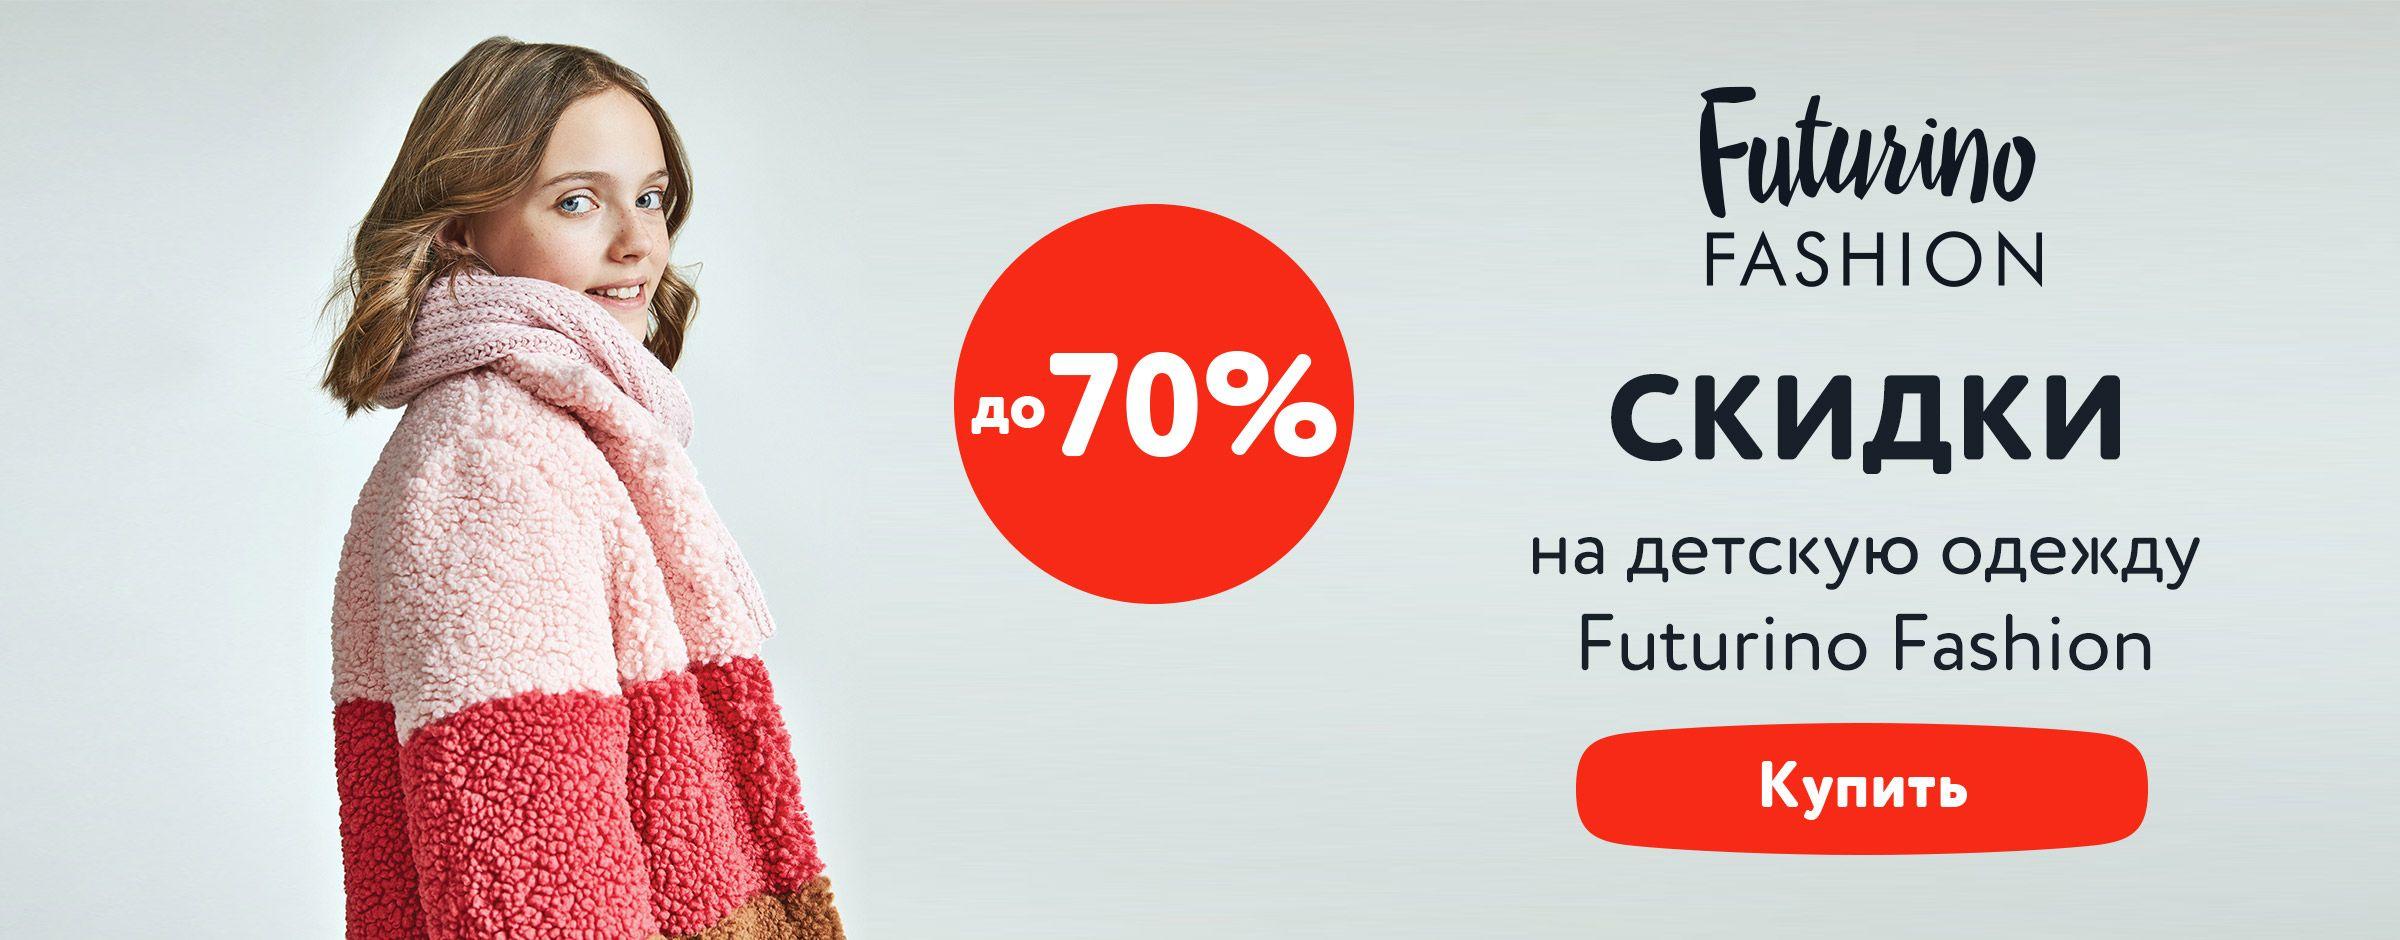 До 70% на детскую одежду Futurino Fashion